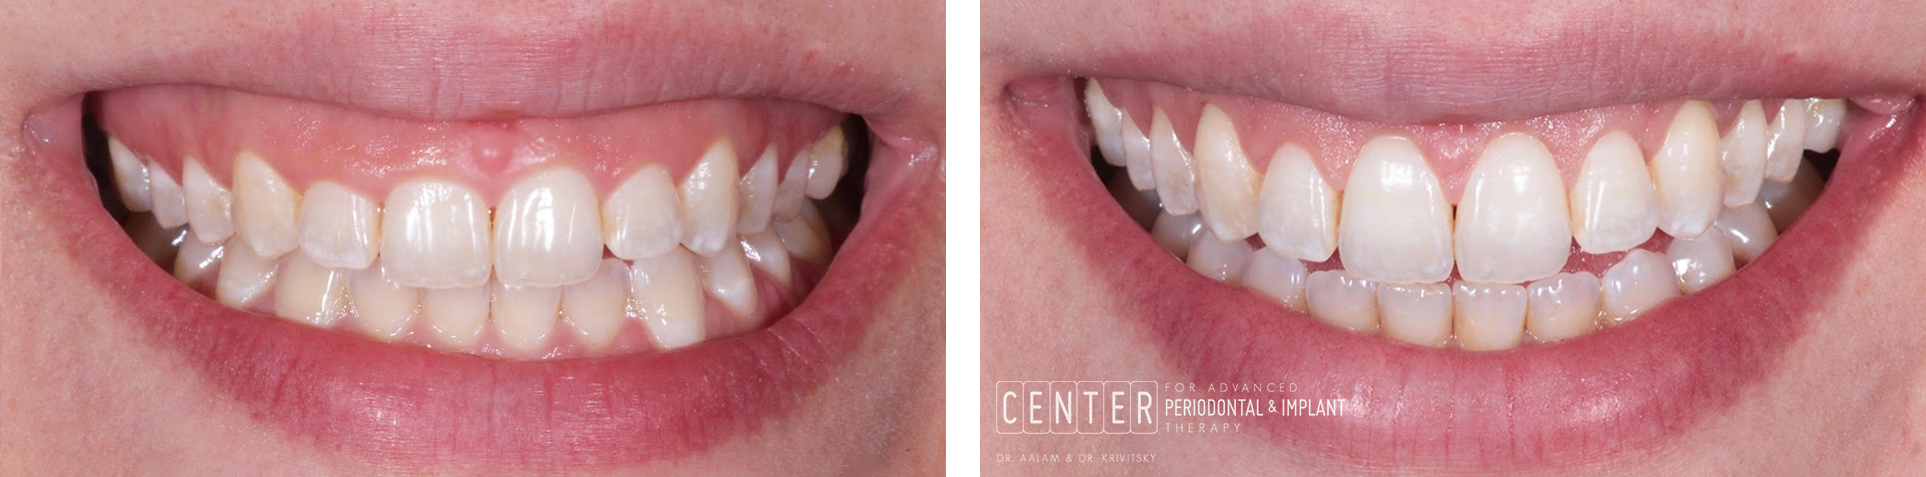 malibu periodontist